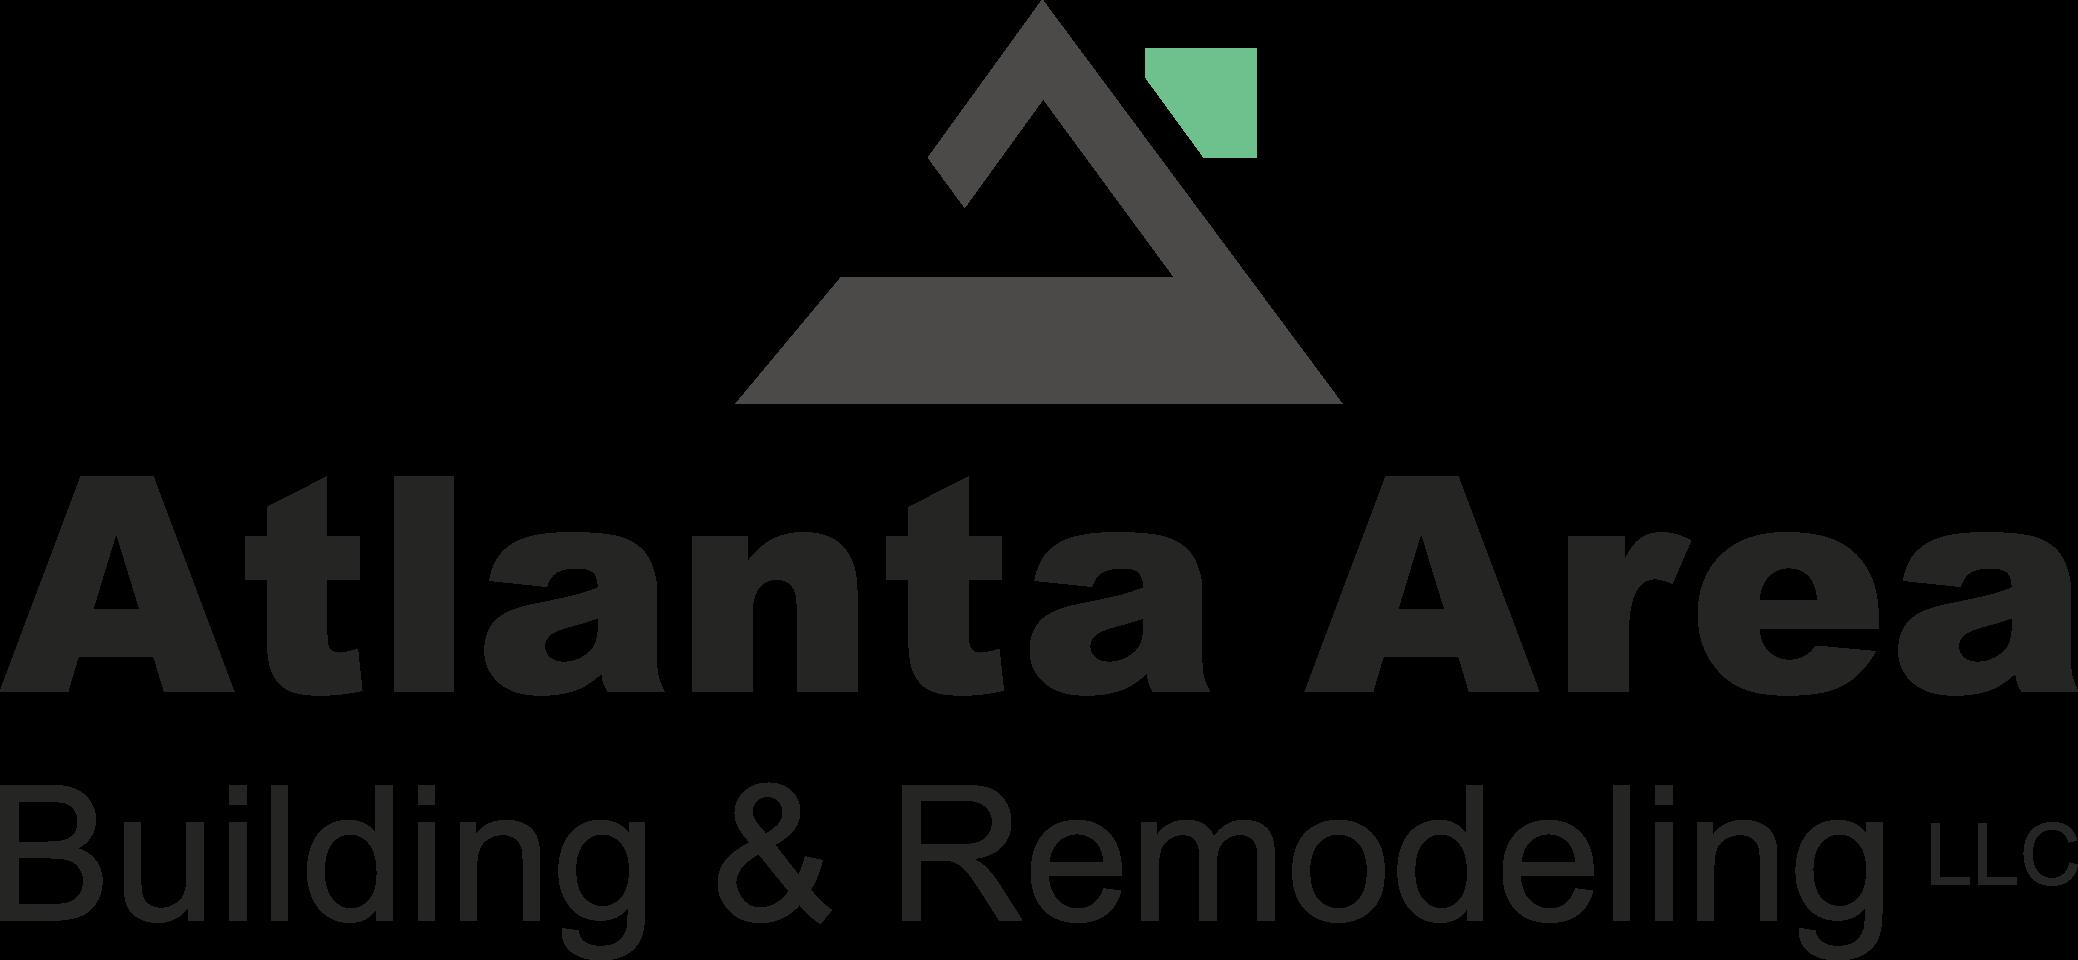 Atlanta Area Building & Remodeling